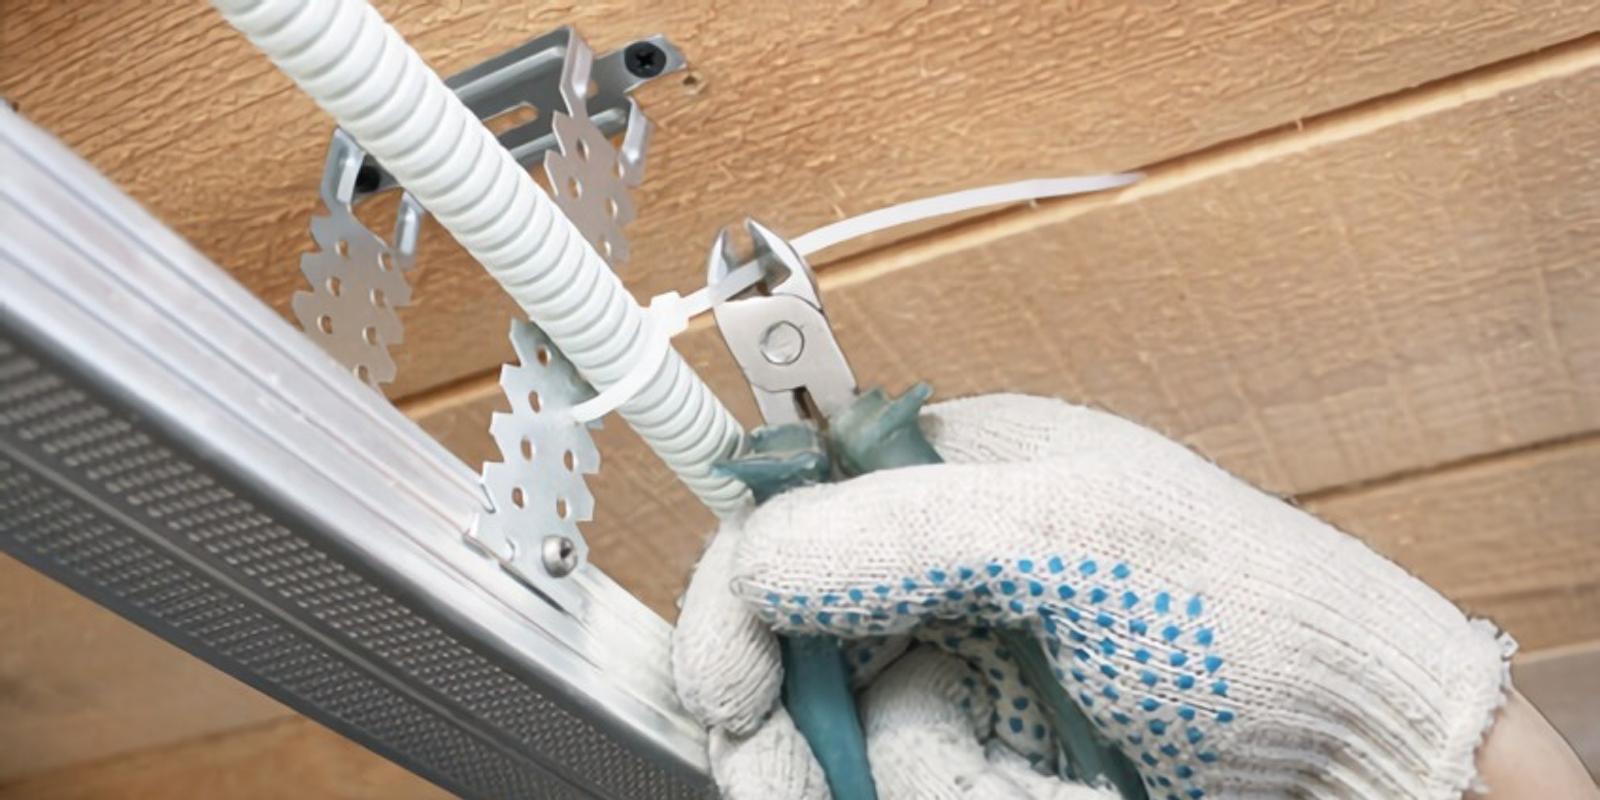 Смонтируйте проводку и шумоизоляцию